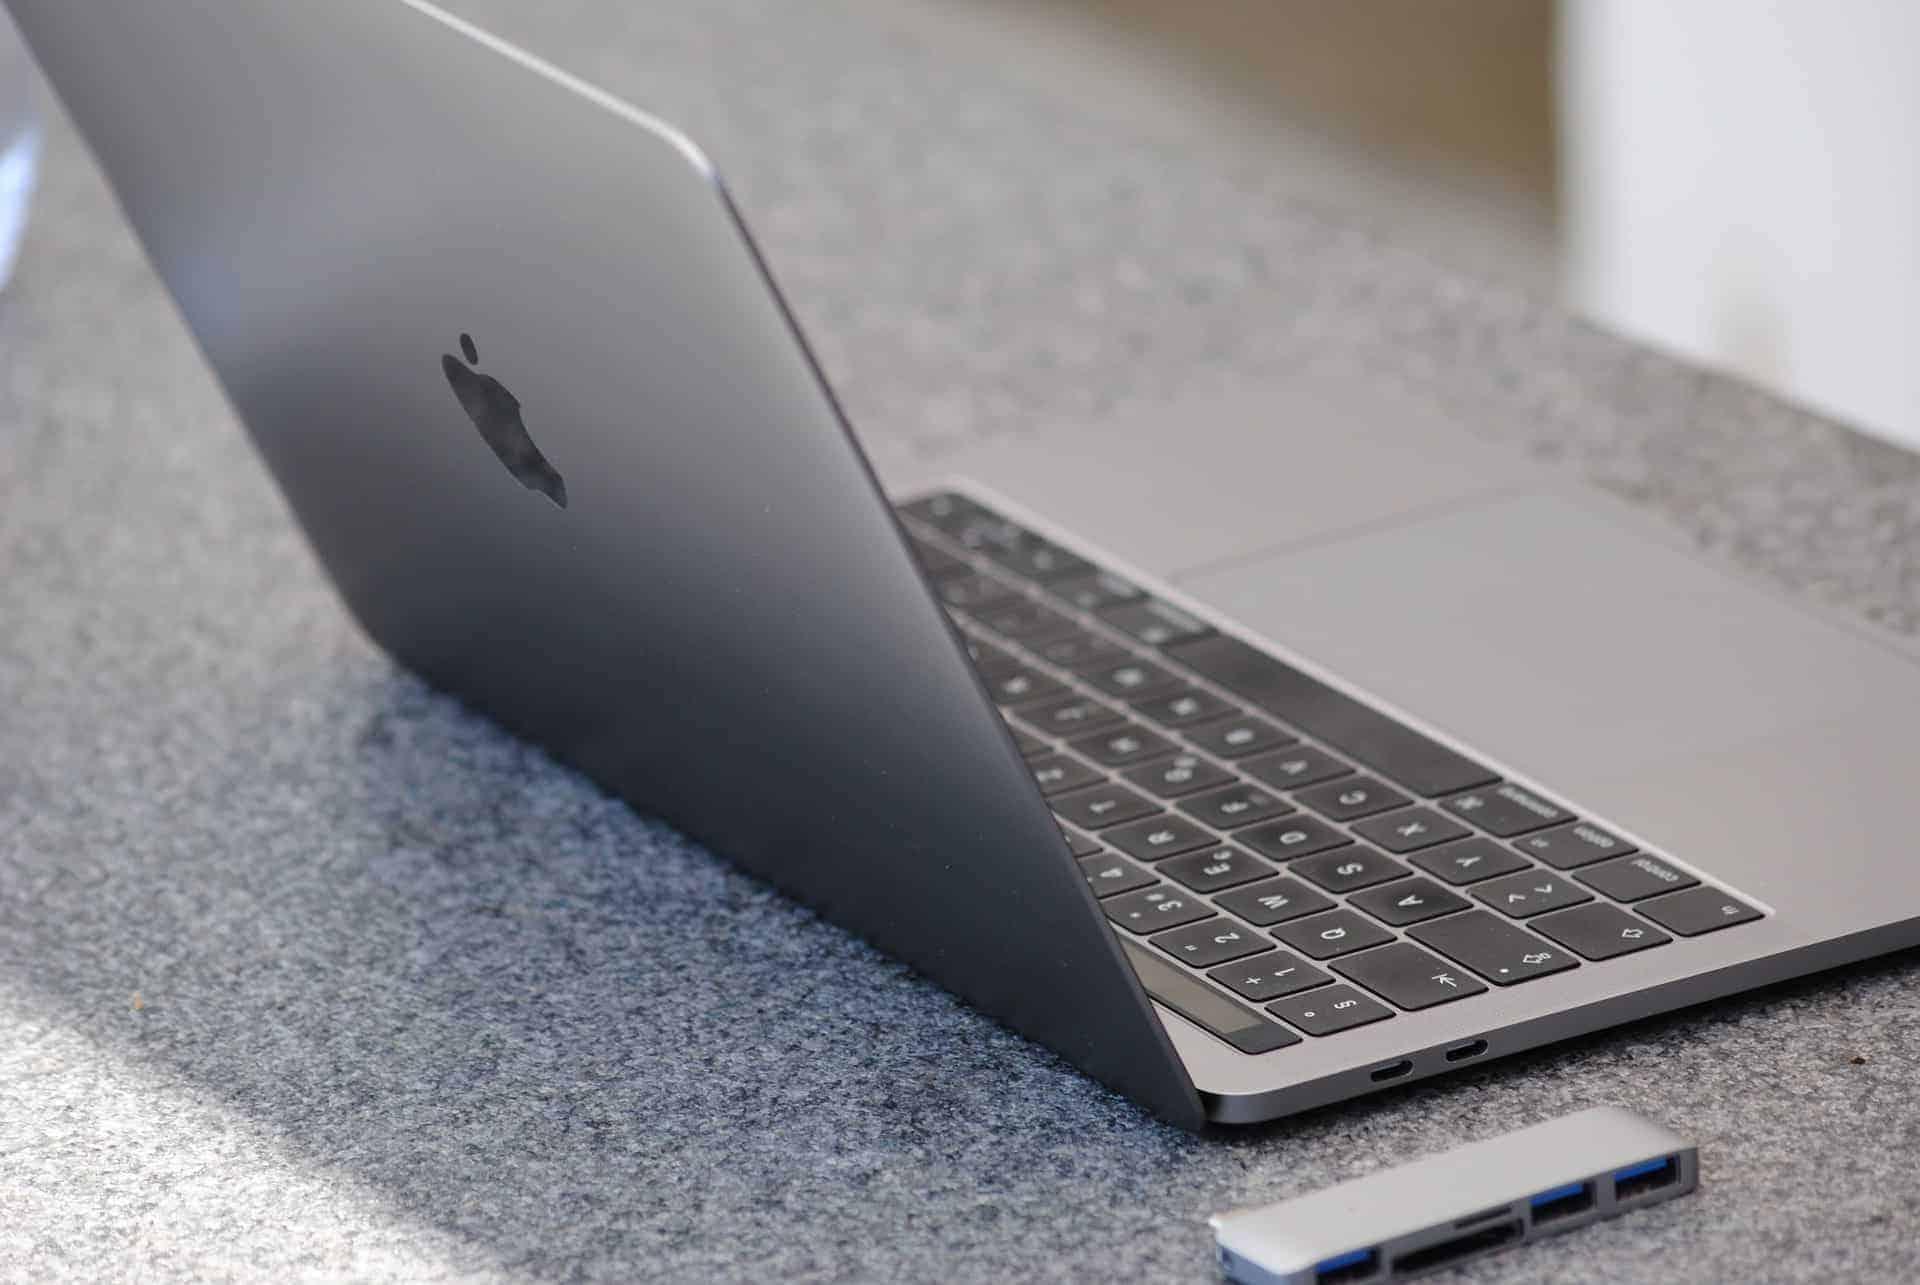 Produtos miniLED da Apple estão chegando em 2021 | MaisTecnologia